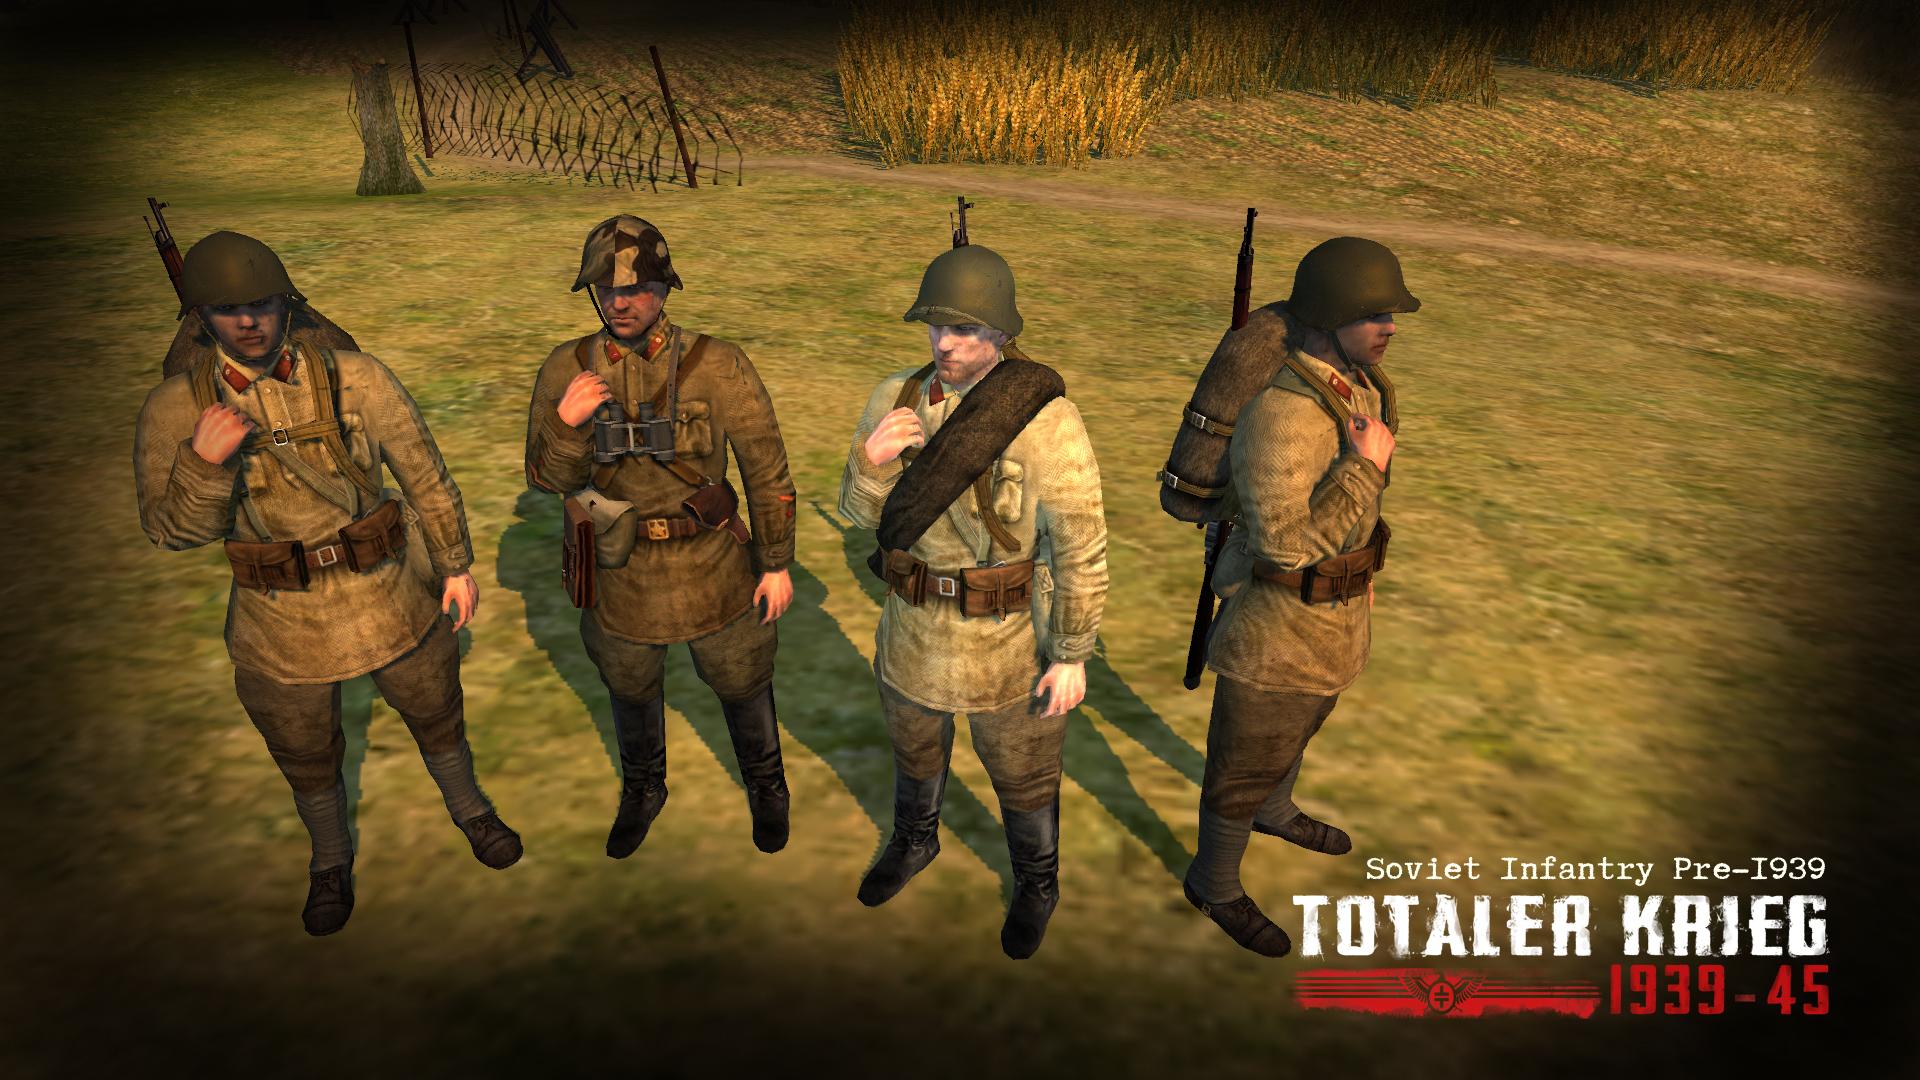 Скачать Totaler Krieg mod 1939-1945 0.99 (Men of war)